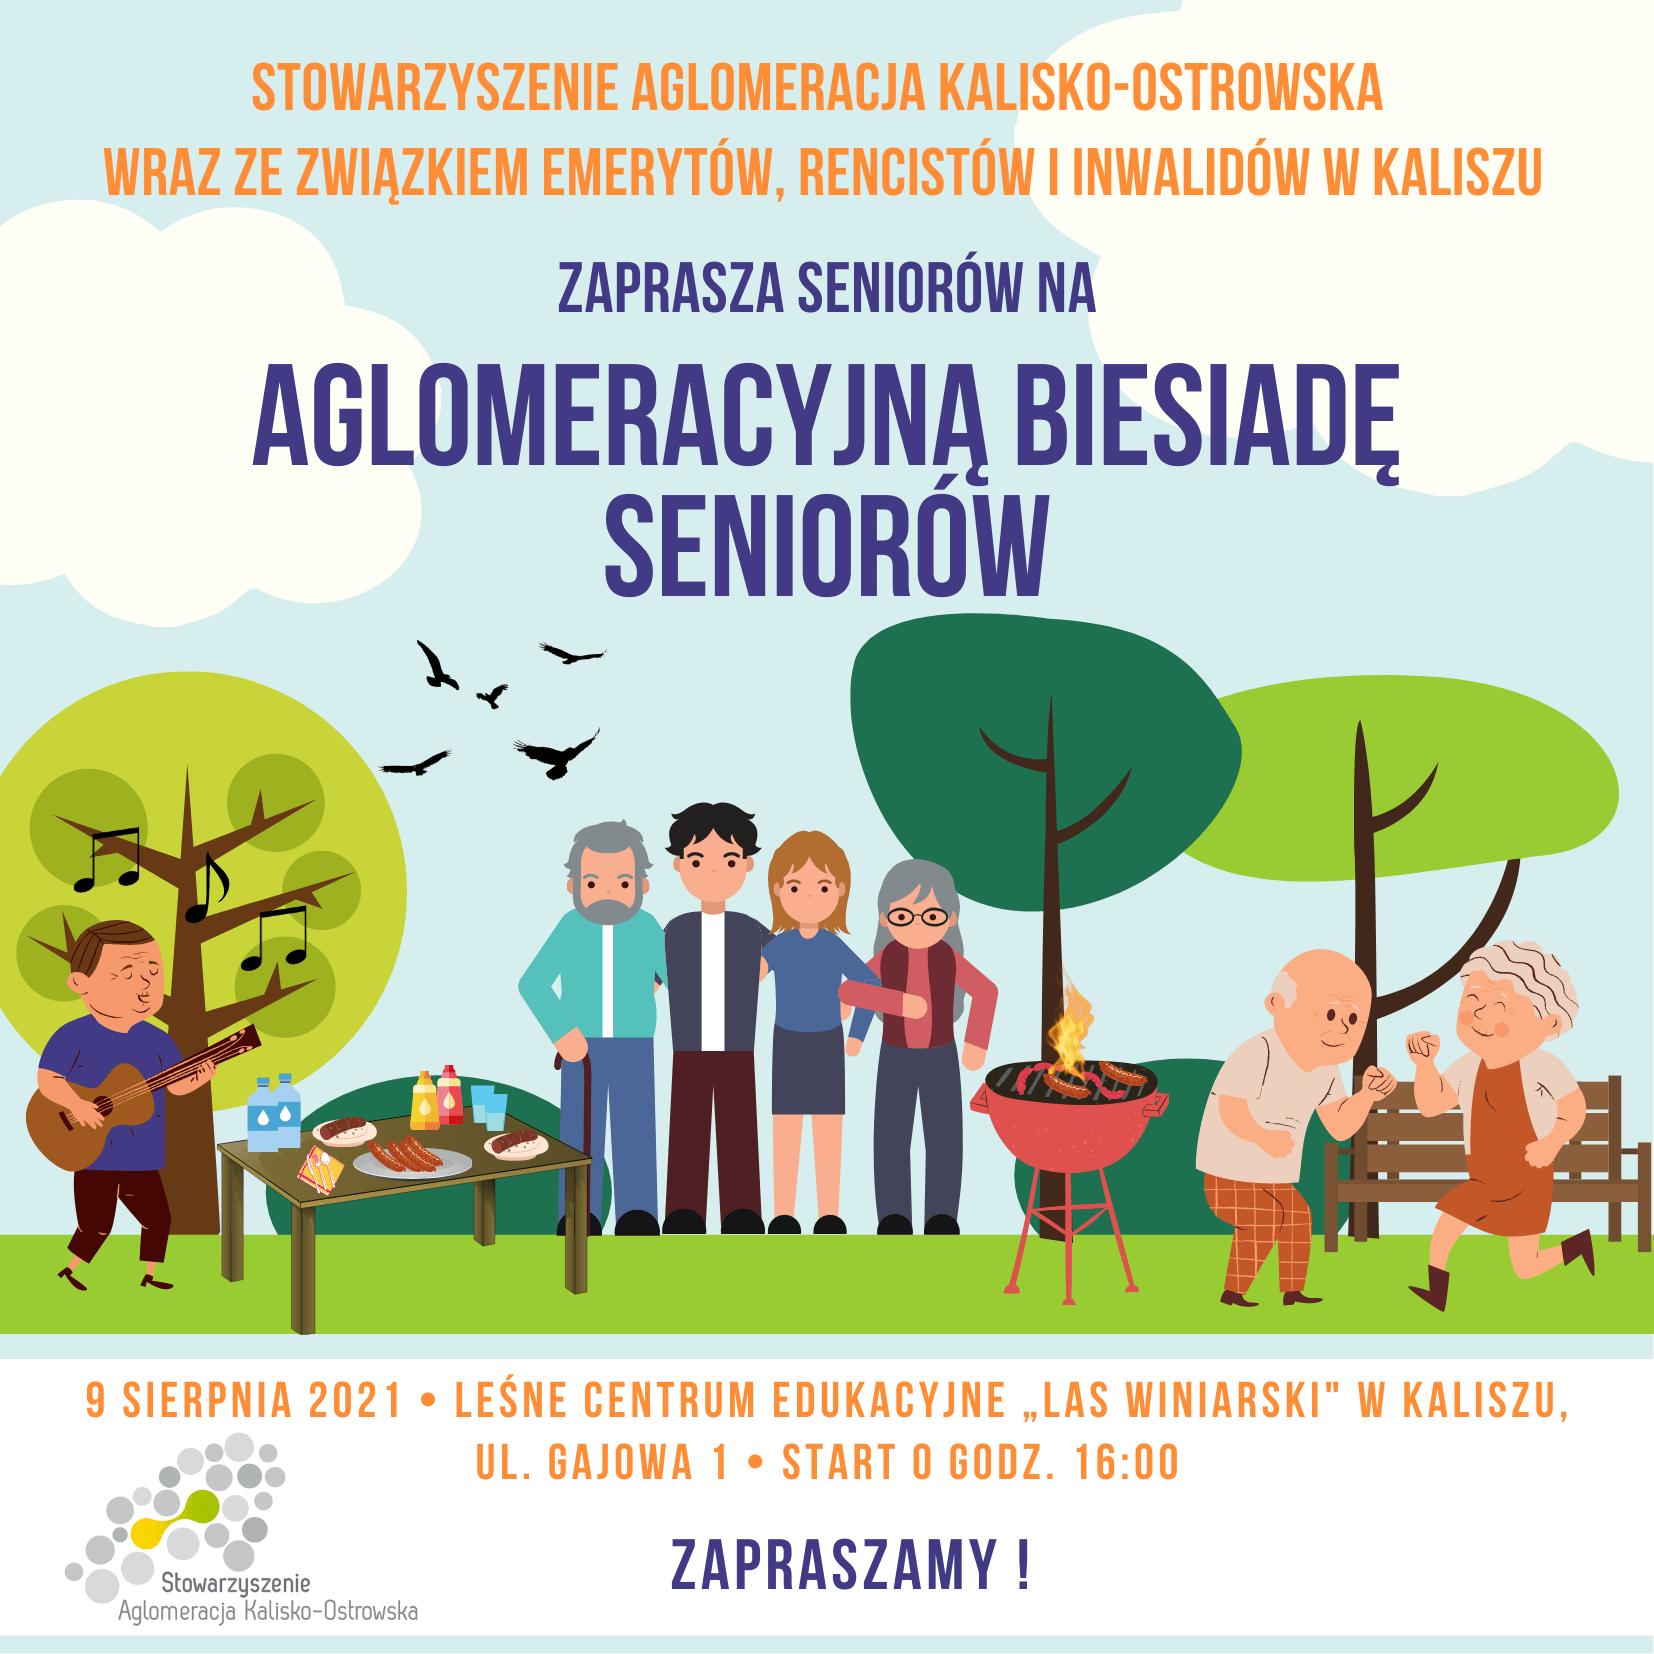 biesiada - Aglomeracyjna Biesiada Seniorów!